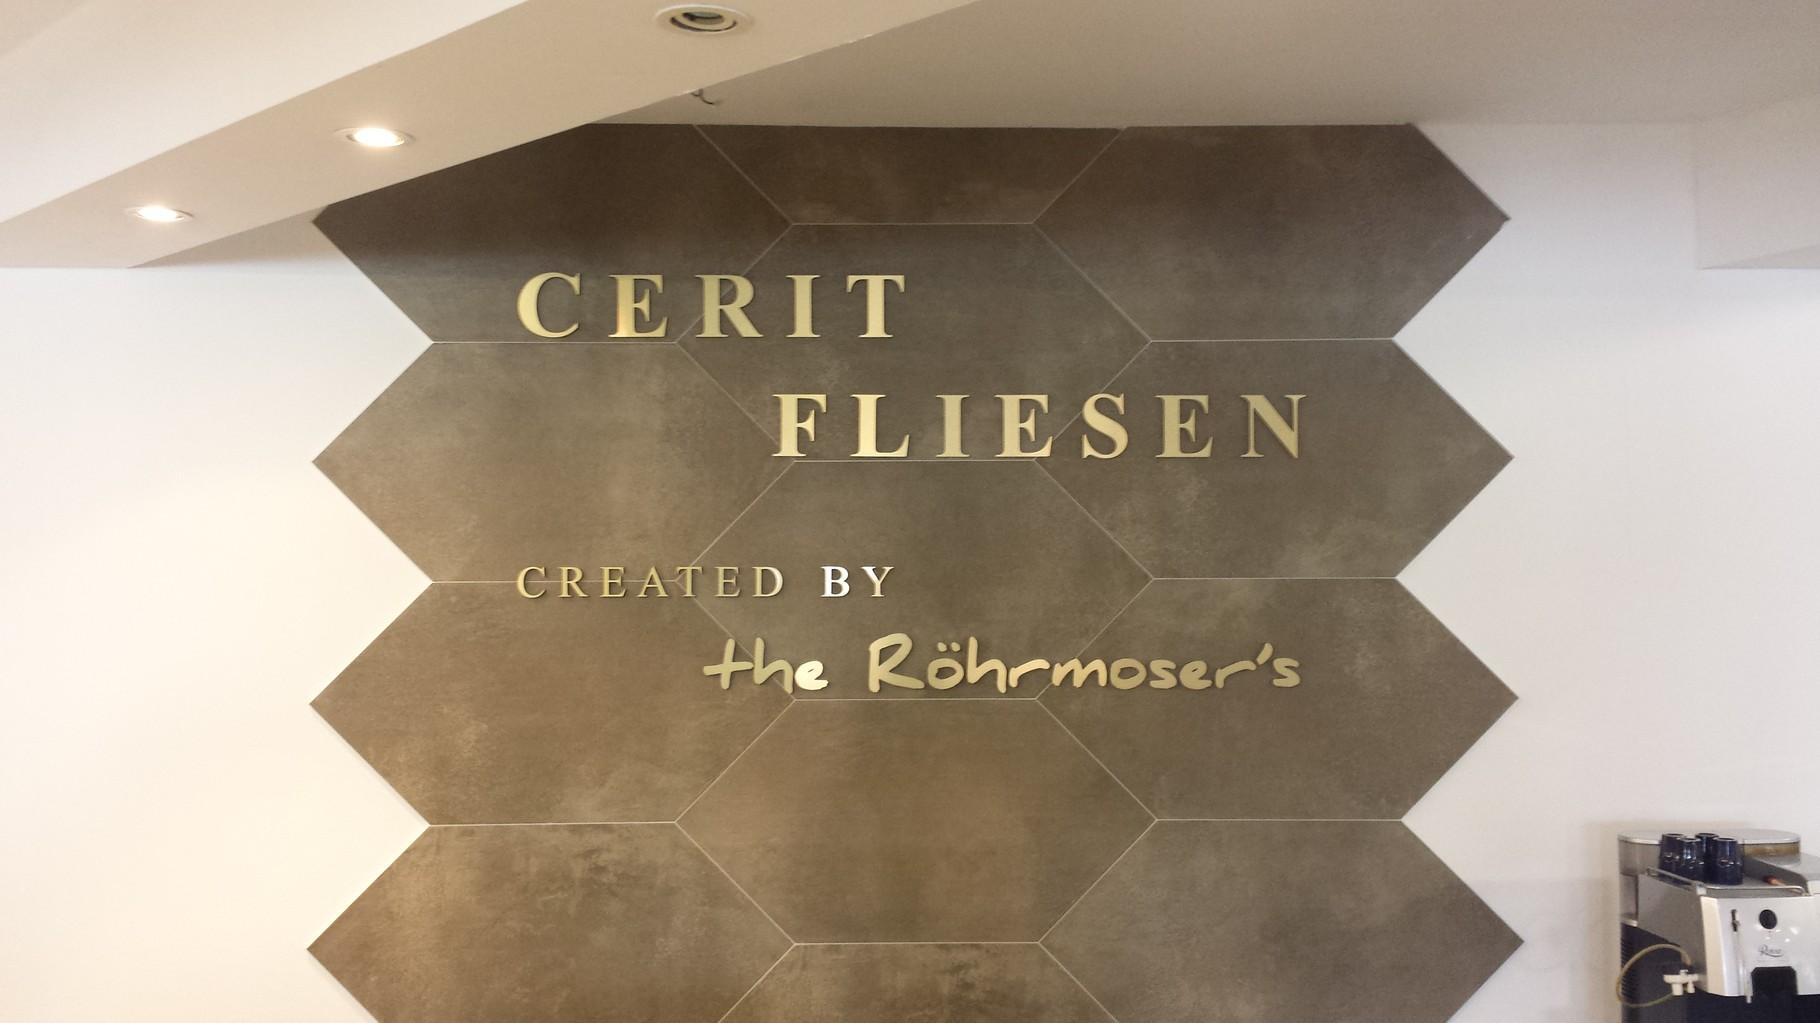 Cerit Fliesen created by the Röhrmosers